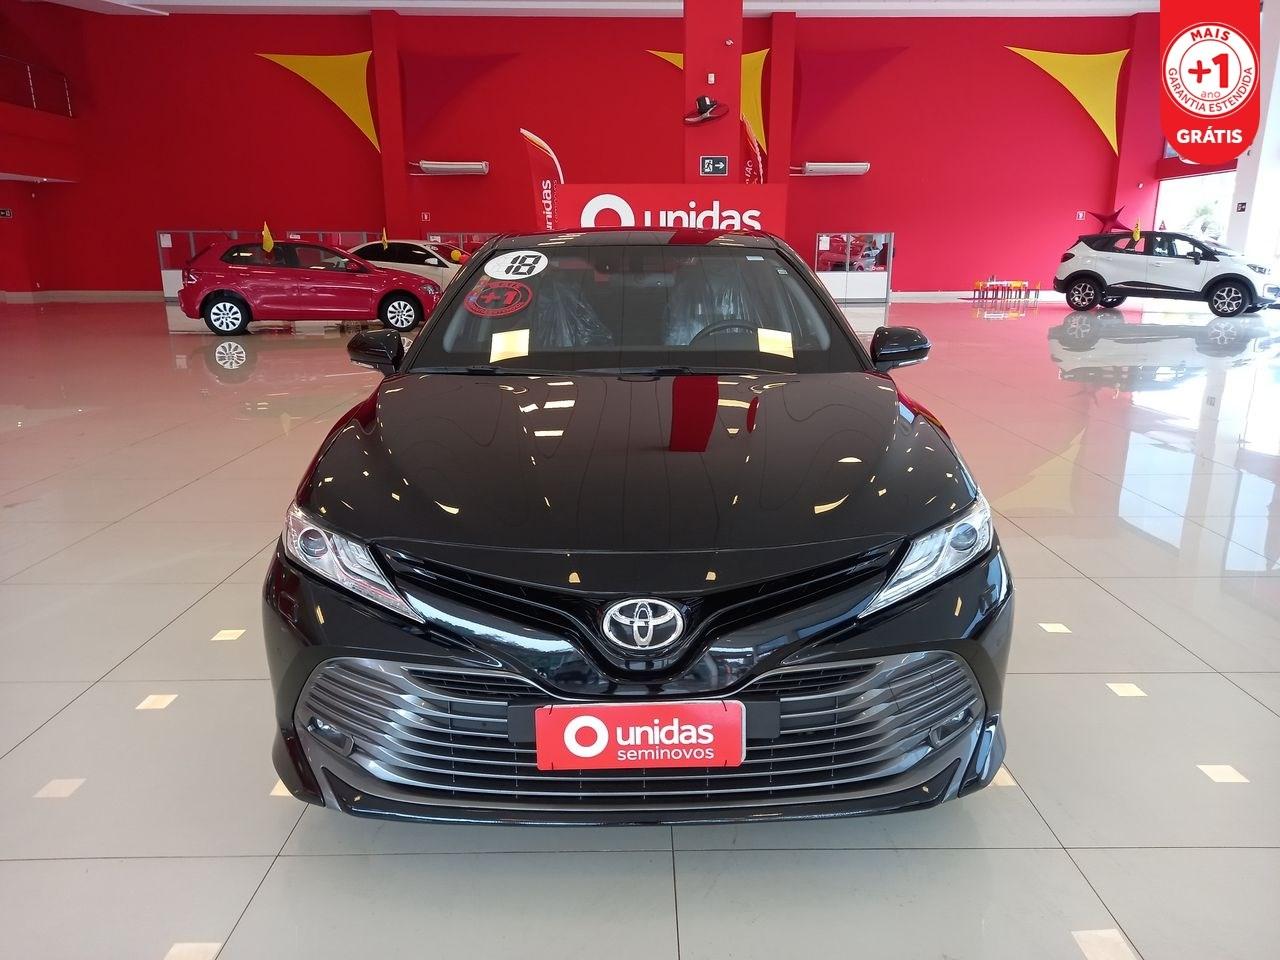 //www.autoline.com.br/carro/toyota/camry-35-v6-xle-24v-gasolina-4p-automatico/2018/jundiai-sp/15059572